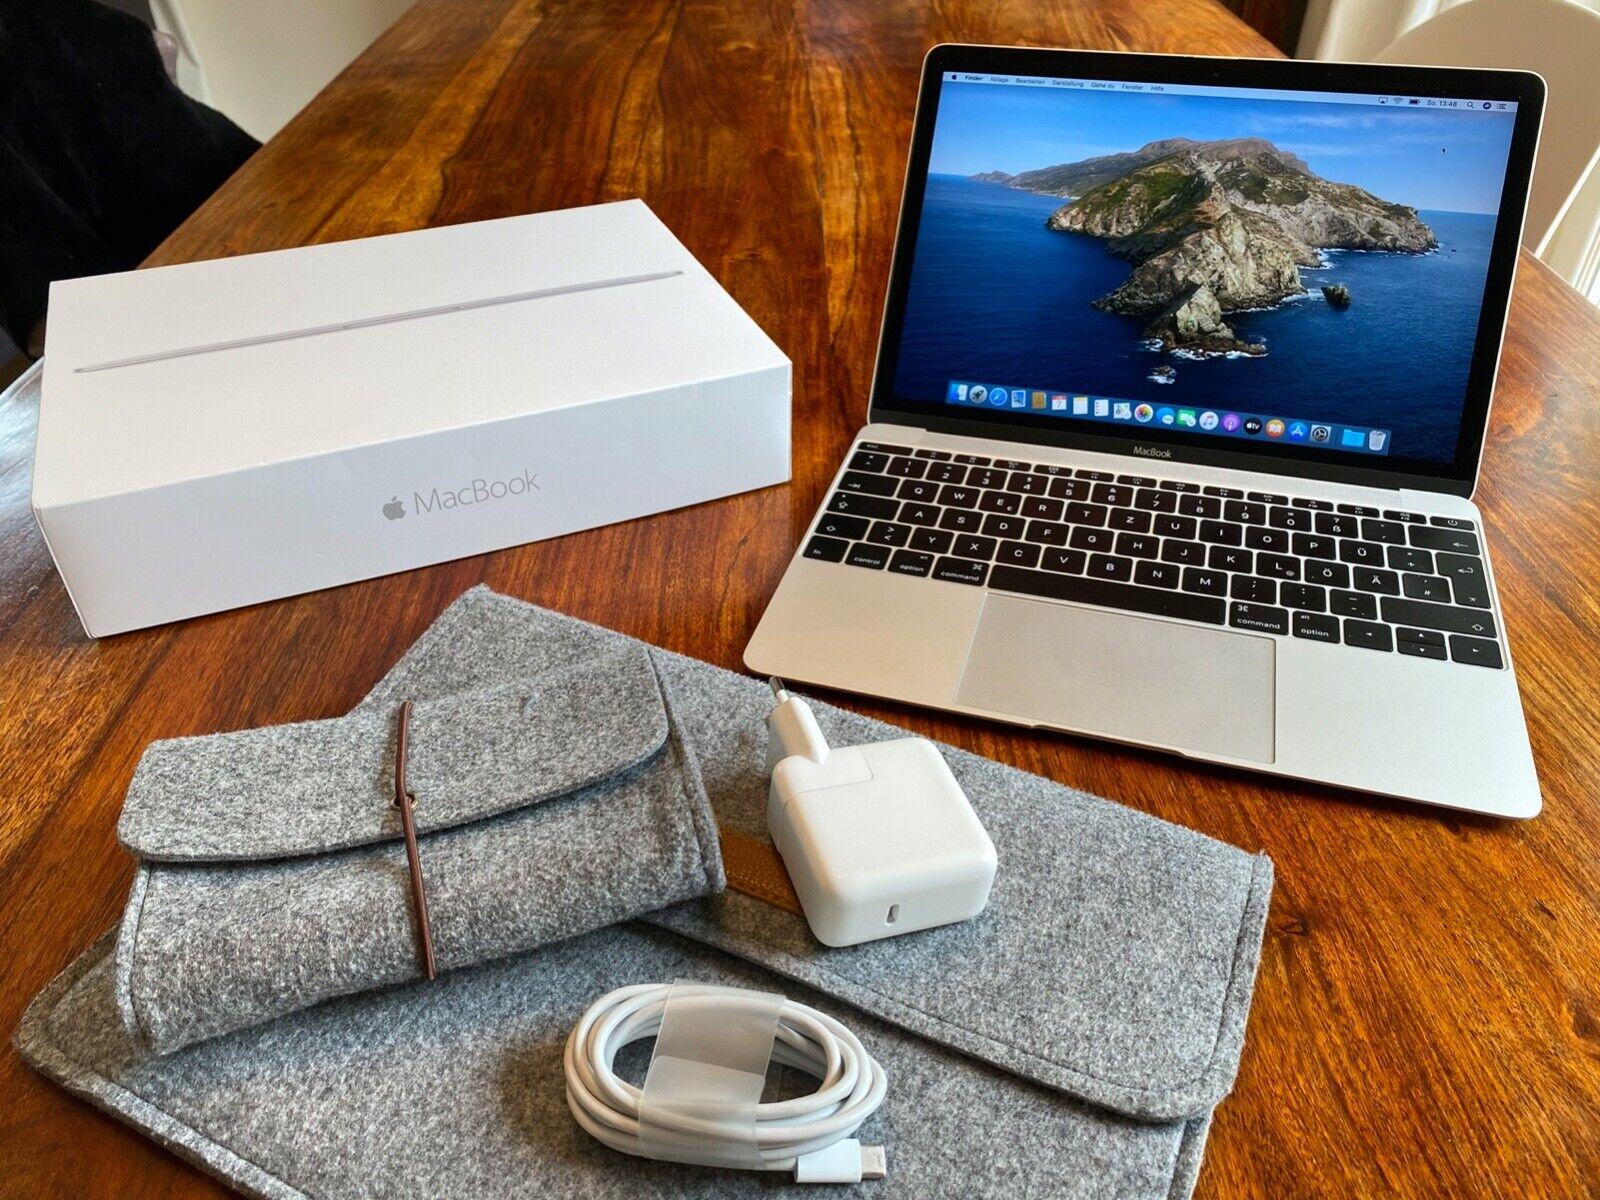 Apple MacBook 12 (2015), 1,1 GHz, 8GB RAM, 256 GB - Top-Zustand!